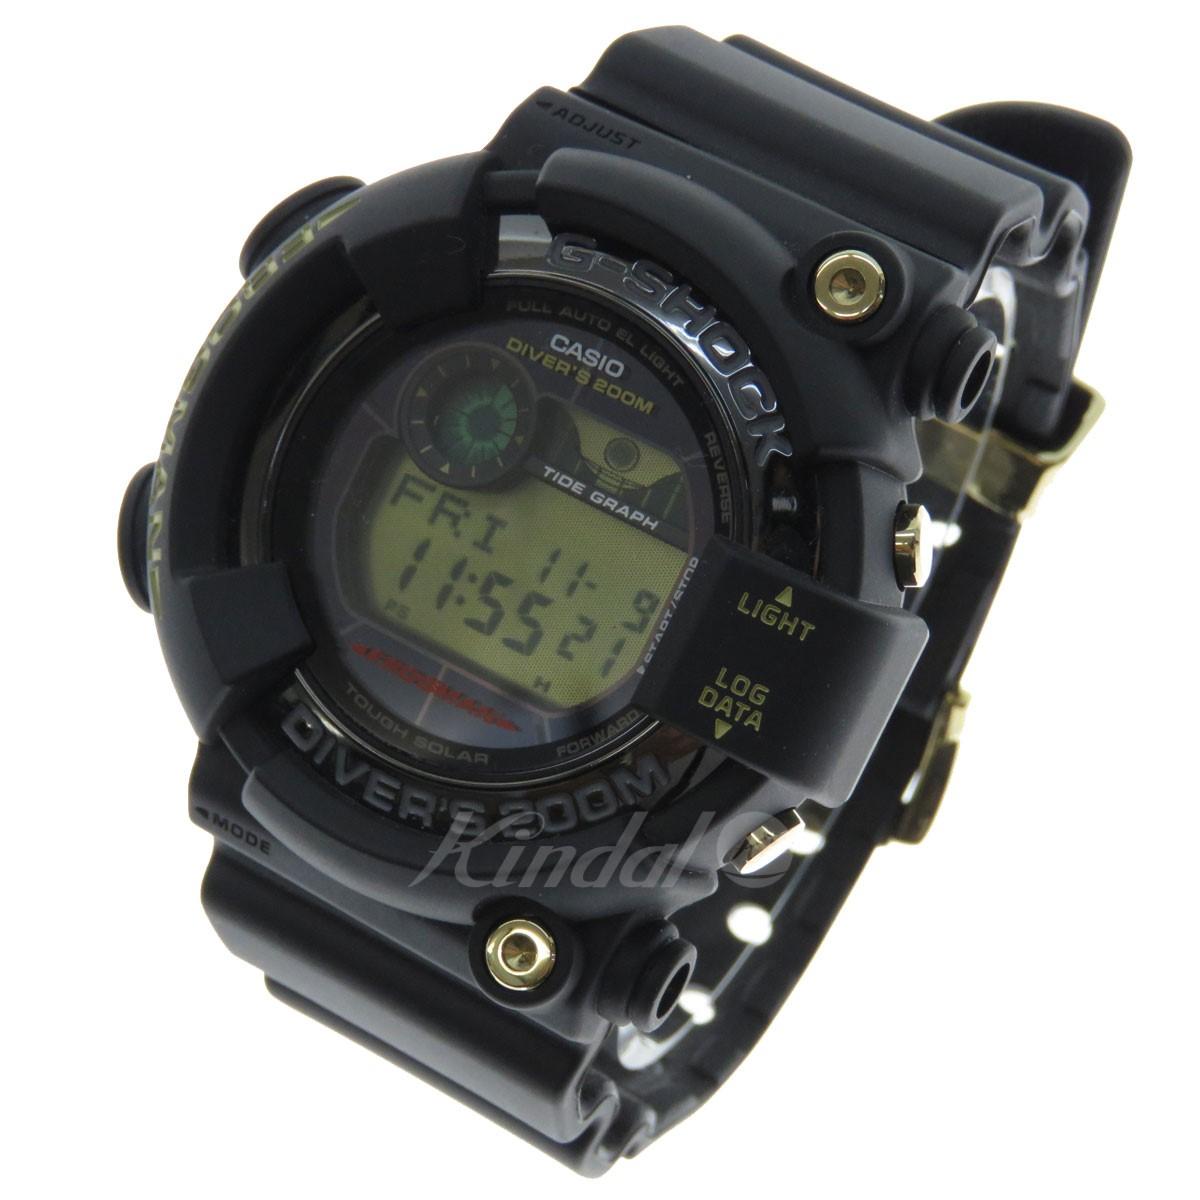 【中古】CASIO G-SHOCK 35周年記念限定 GF-8235D フロッグマン 腕時計 【送料無料】 【105323】 【KIND1641】